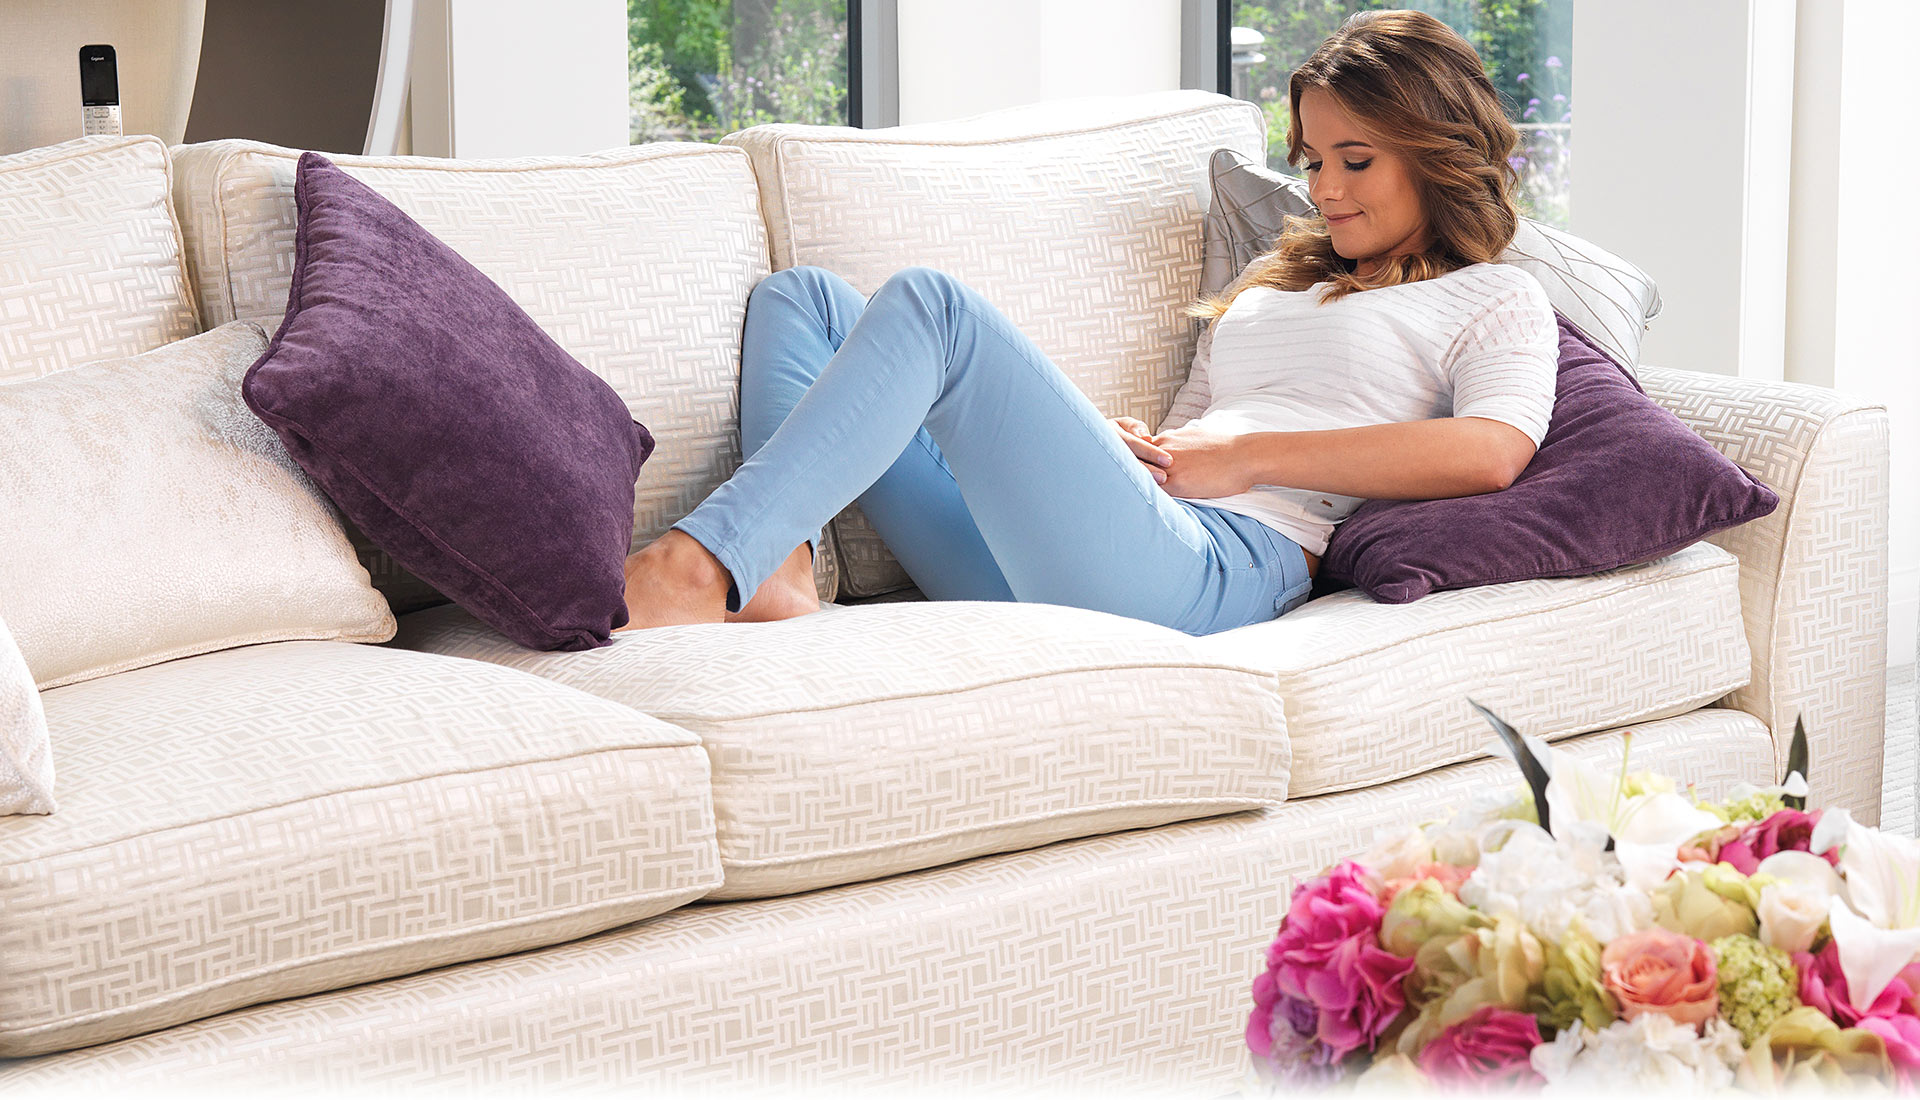 dpni. Black Bedroom Furniture Sets. Home Design Ideas